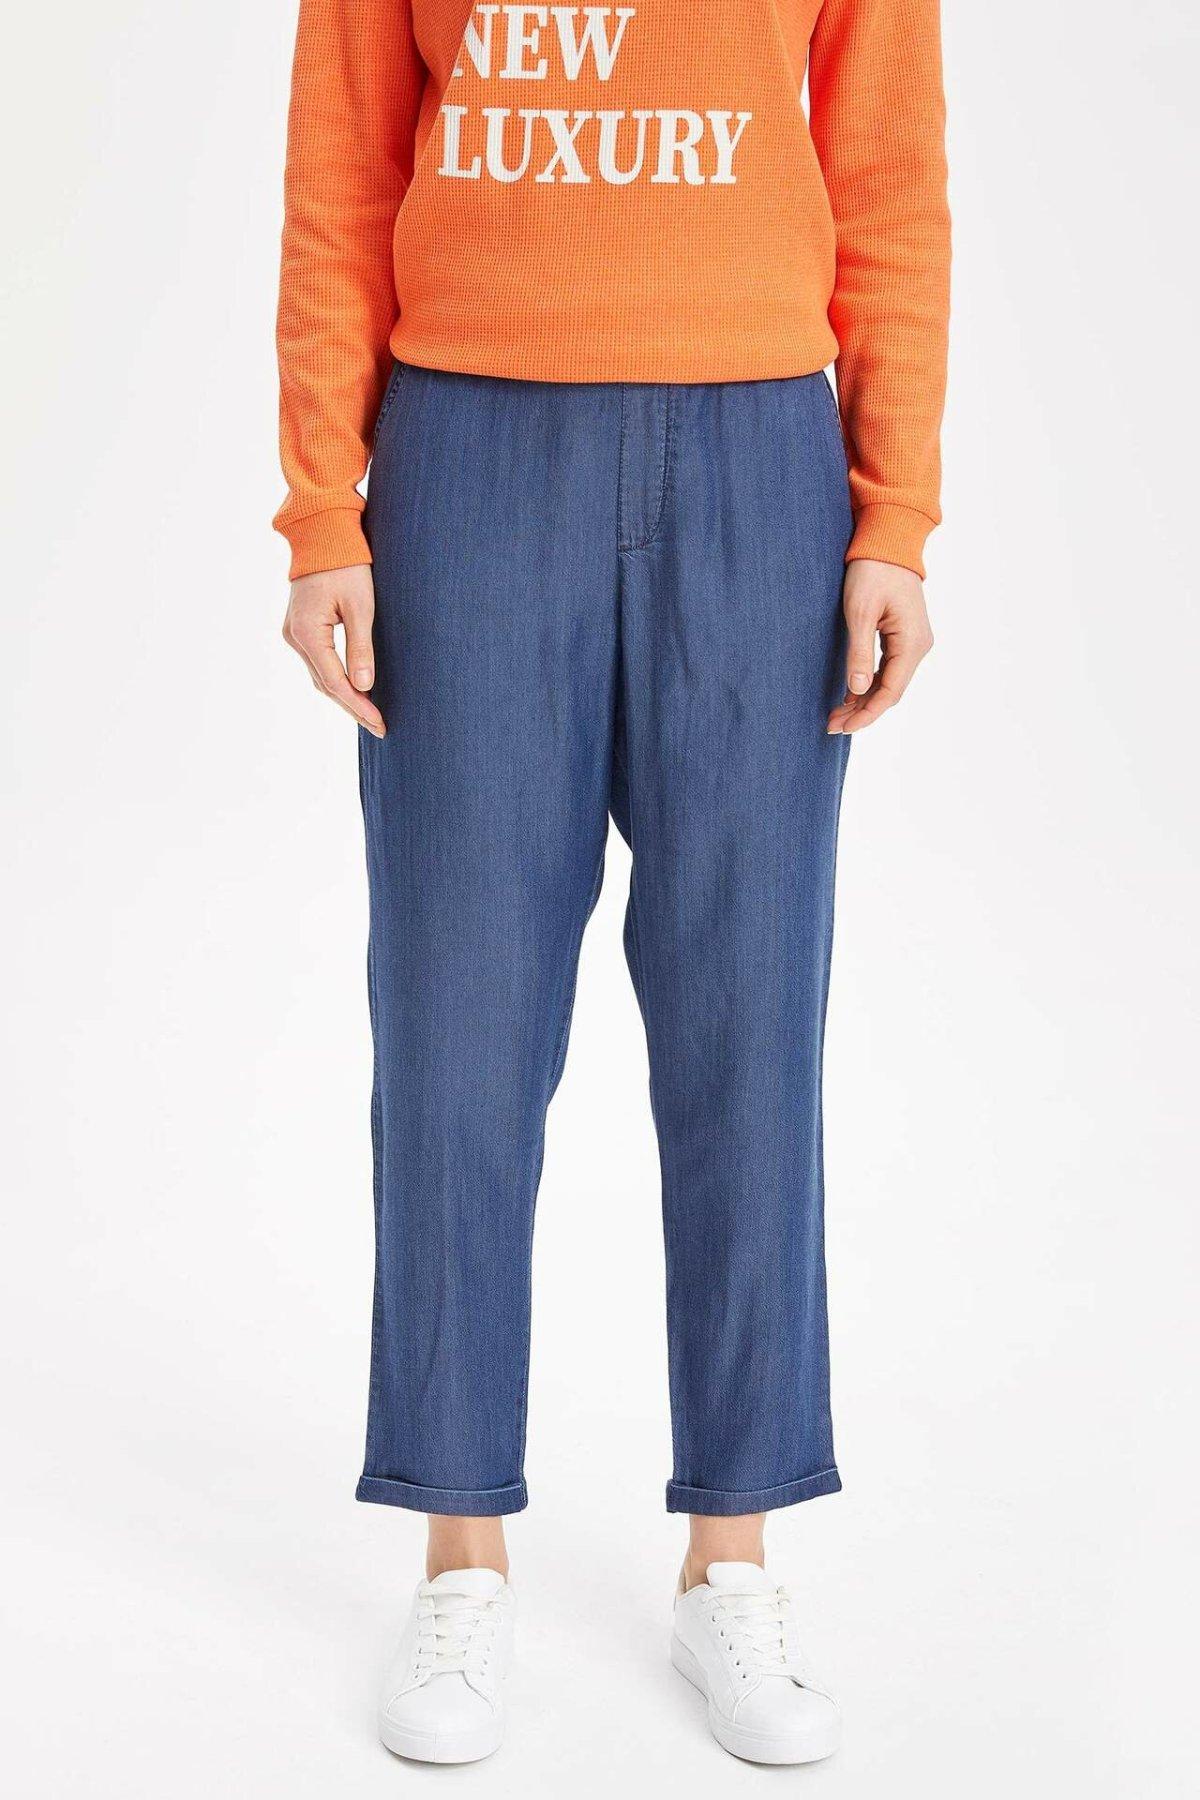 DeFacto Fashion Women Blue Elastic Waist Trousers Solid Casual Harem Pants Ladies Loose Cargo Pants Female-K4691AZ19SP